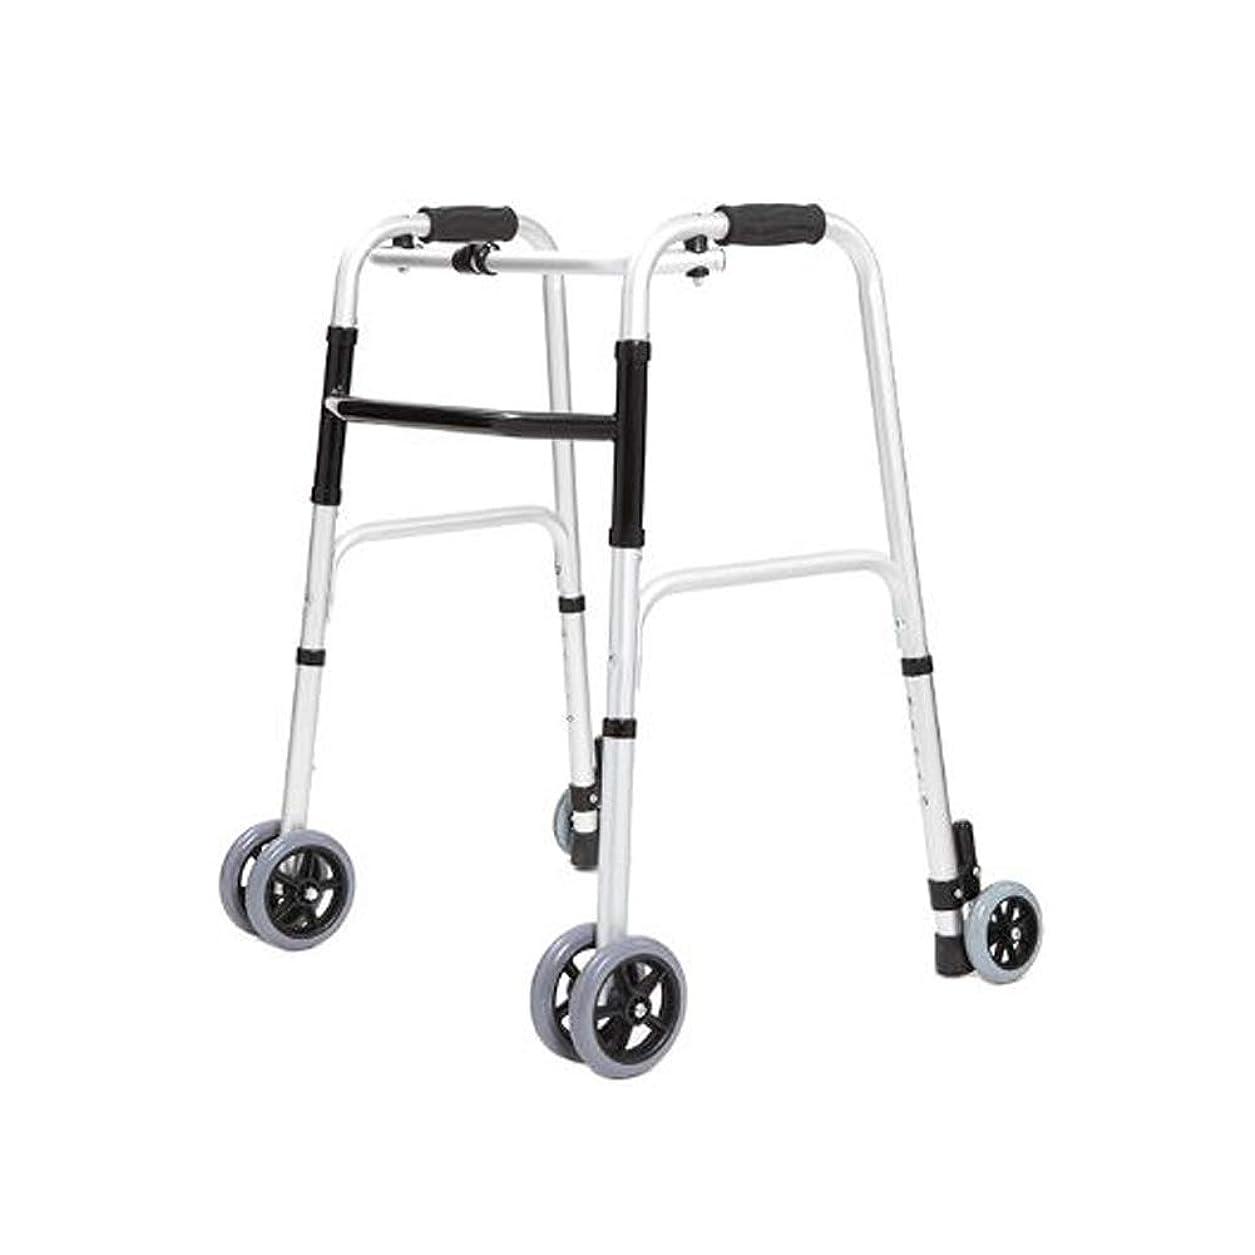 着飾るマウントメタン[ラオンアチ] 大人のための歩行器 折りたたみ 車輪型歩行器 6輪歩行車 5段の高さ調節可能 [日本語説明書付き] [海外直送品]